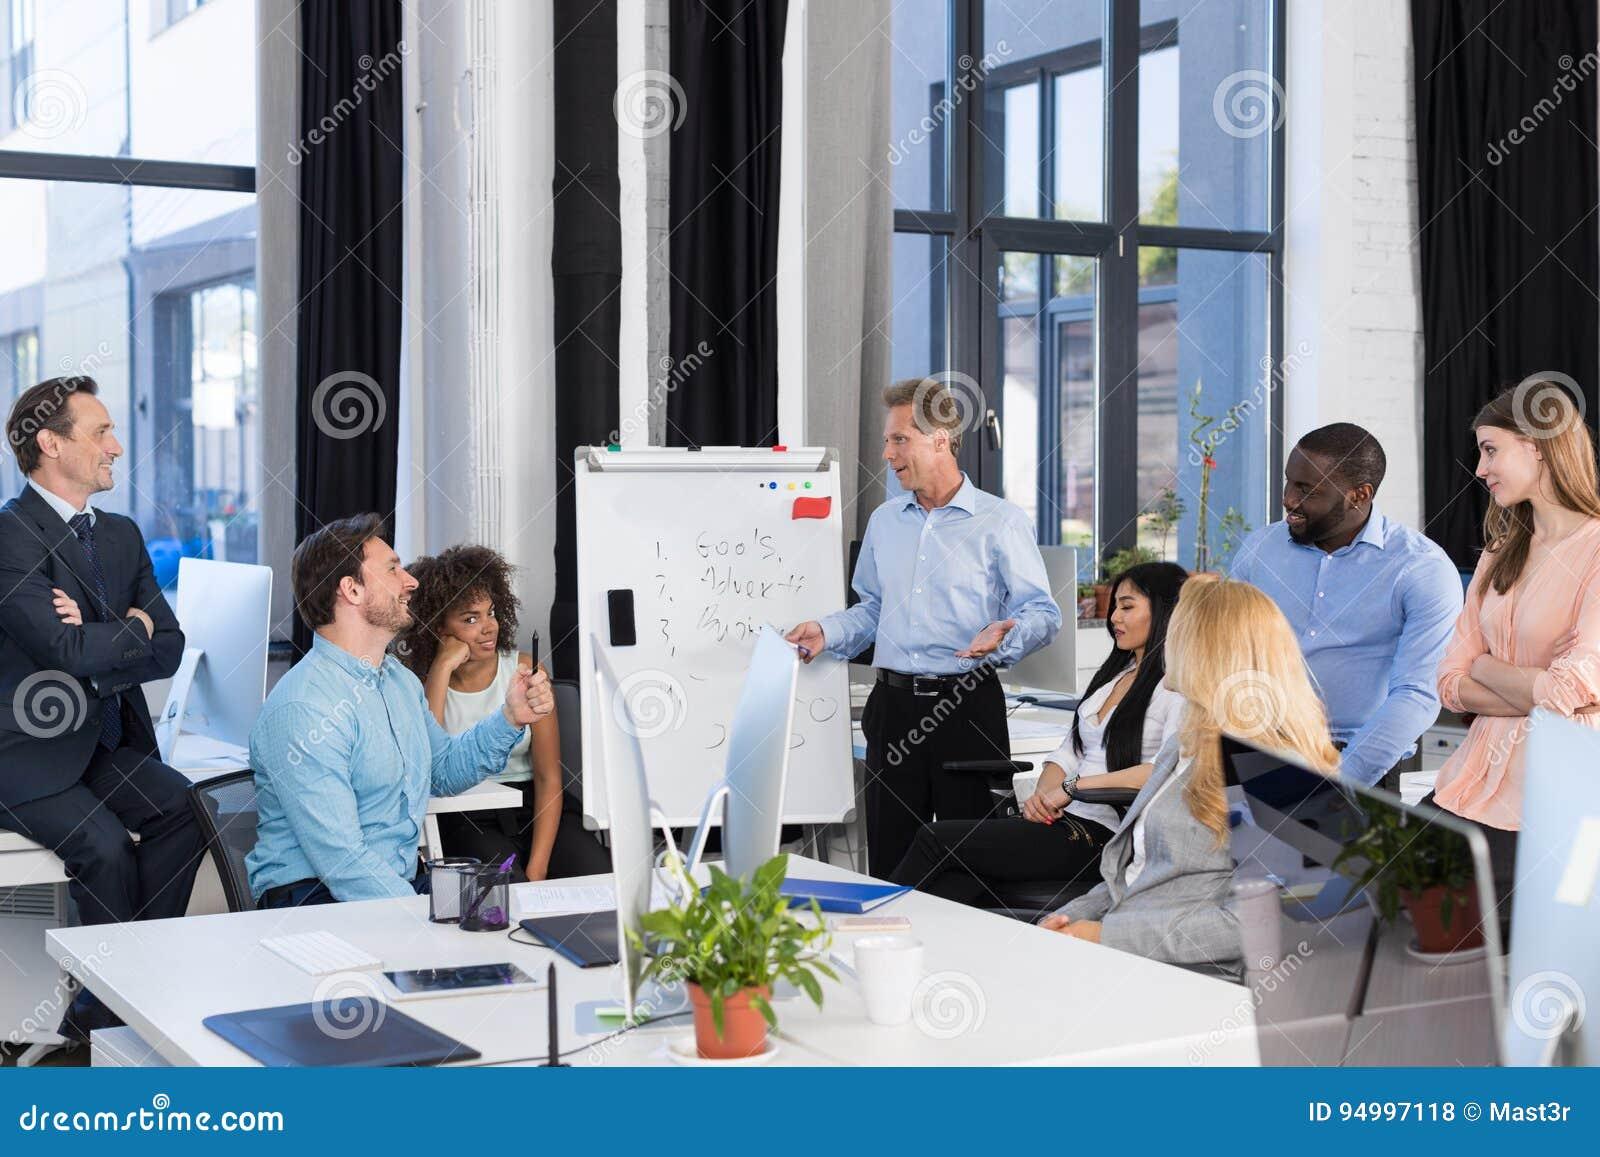 Apresentação do negócio, grupo na sala de reuniões, Team Brainstorming dos empresários de Leading Meeting To do homem de negócios